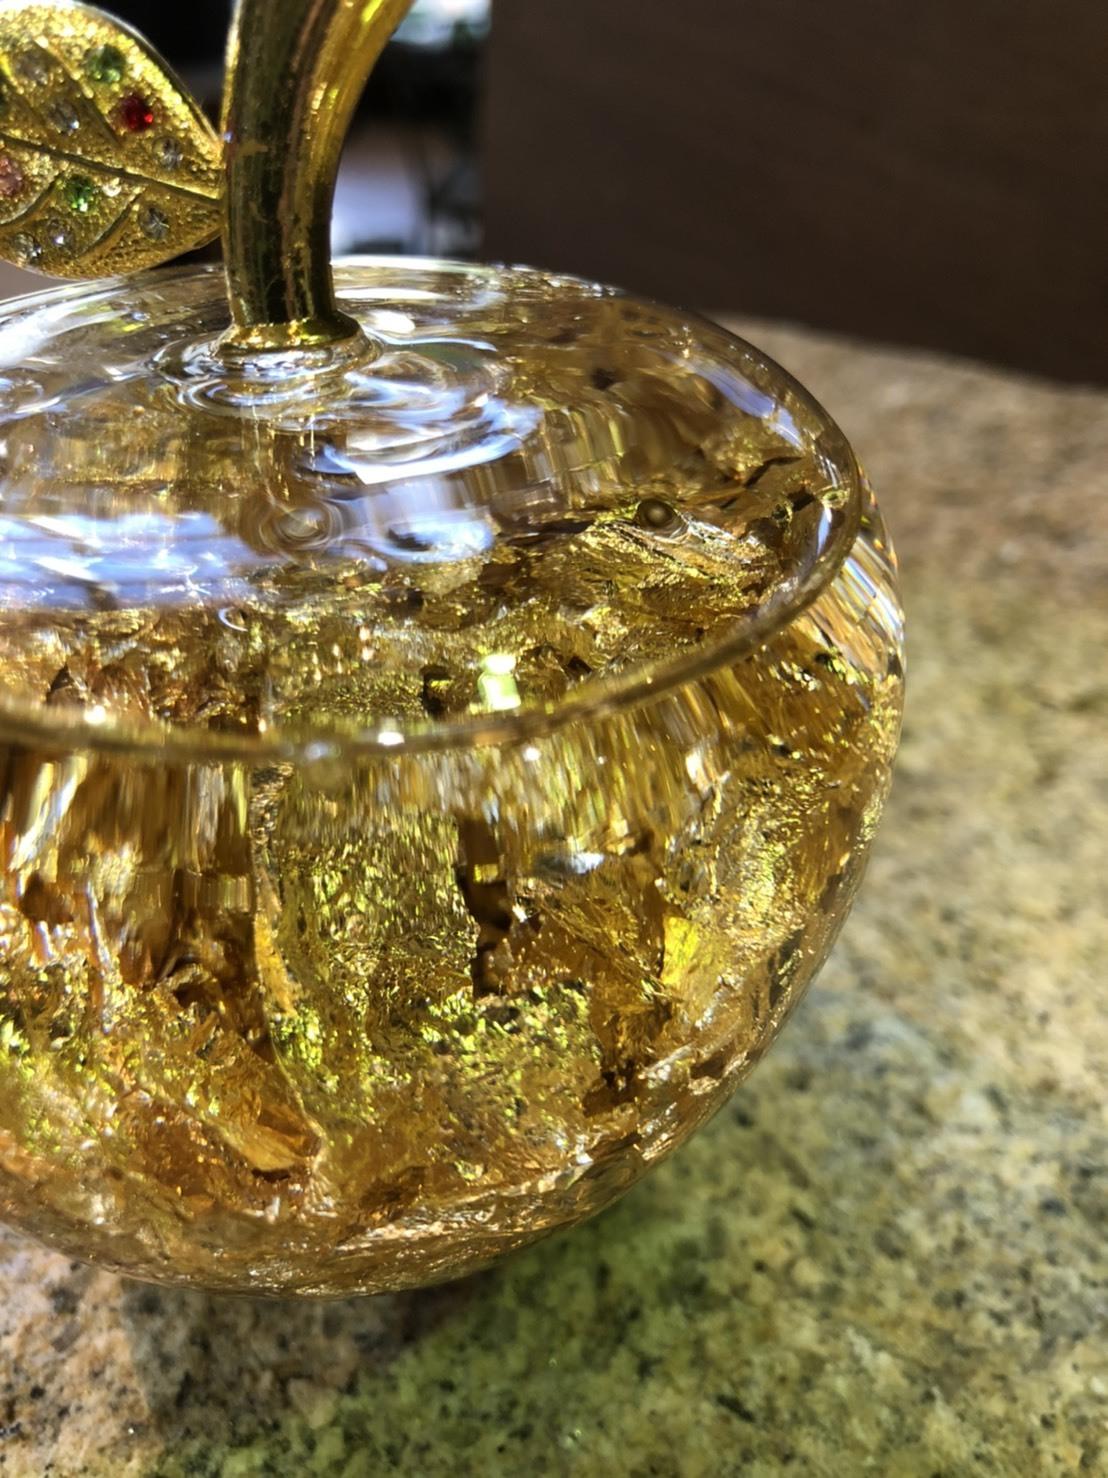 【金のりんご】ゴールドアップル - Gold Apple【金運UP・長寿祈願】